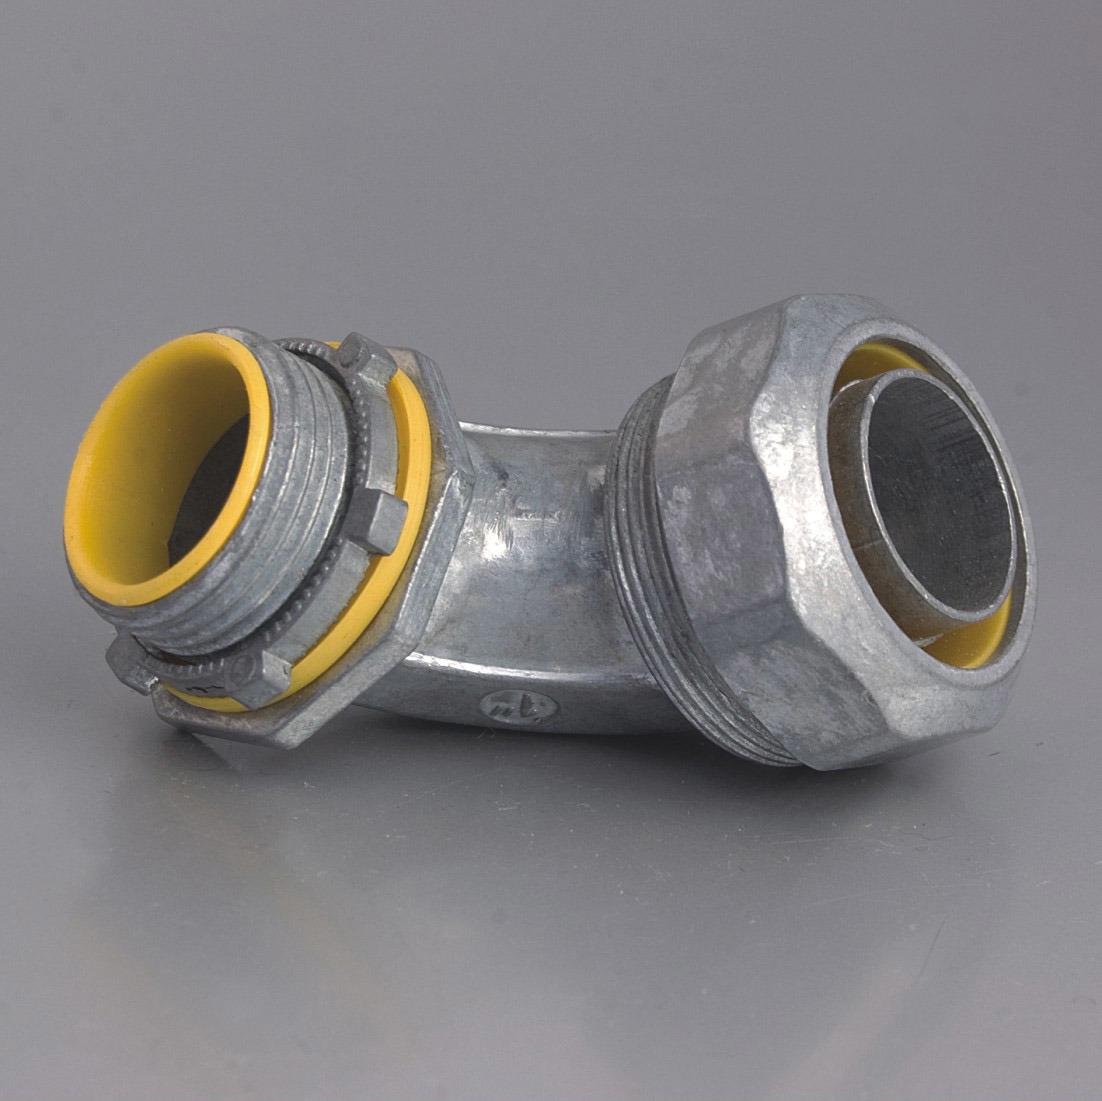 Liquid Tight Connector Angle Zinc Alloy